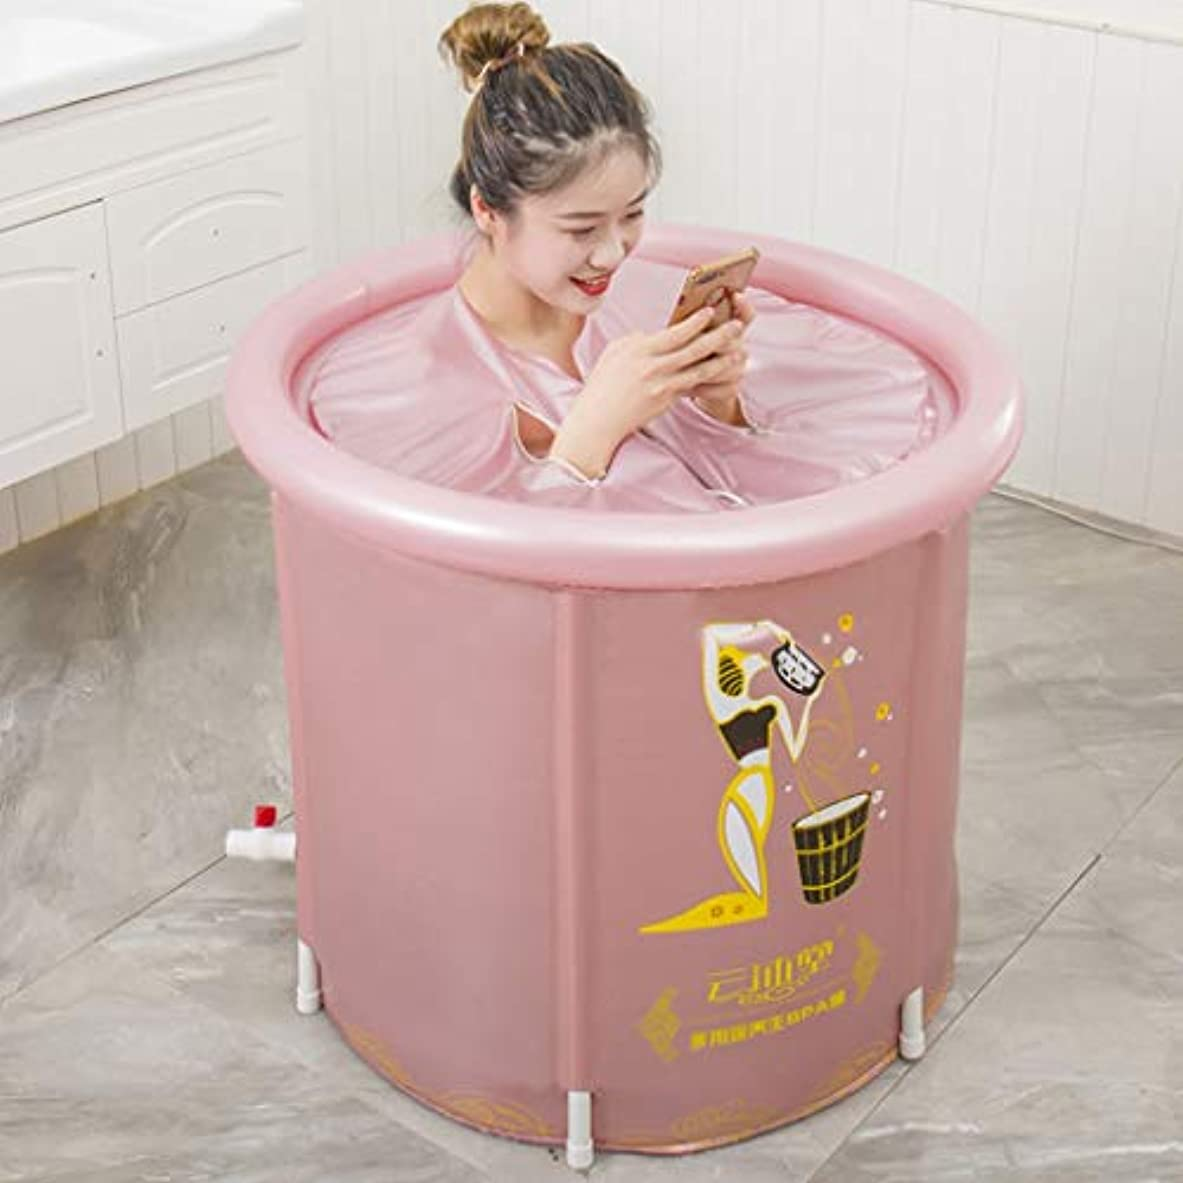 レンダー遅れブラストピンクのPVC防水生地プラスチック浴槽には空気枕が付いて、70 Cmの排水ホース、折り畳み可能な浴槽の底部の健康磁石、SPA物理療法、児童、成人に適している